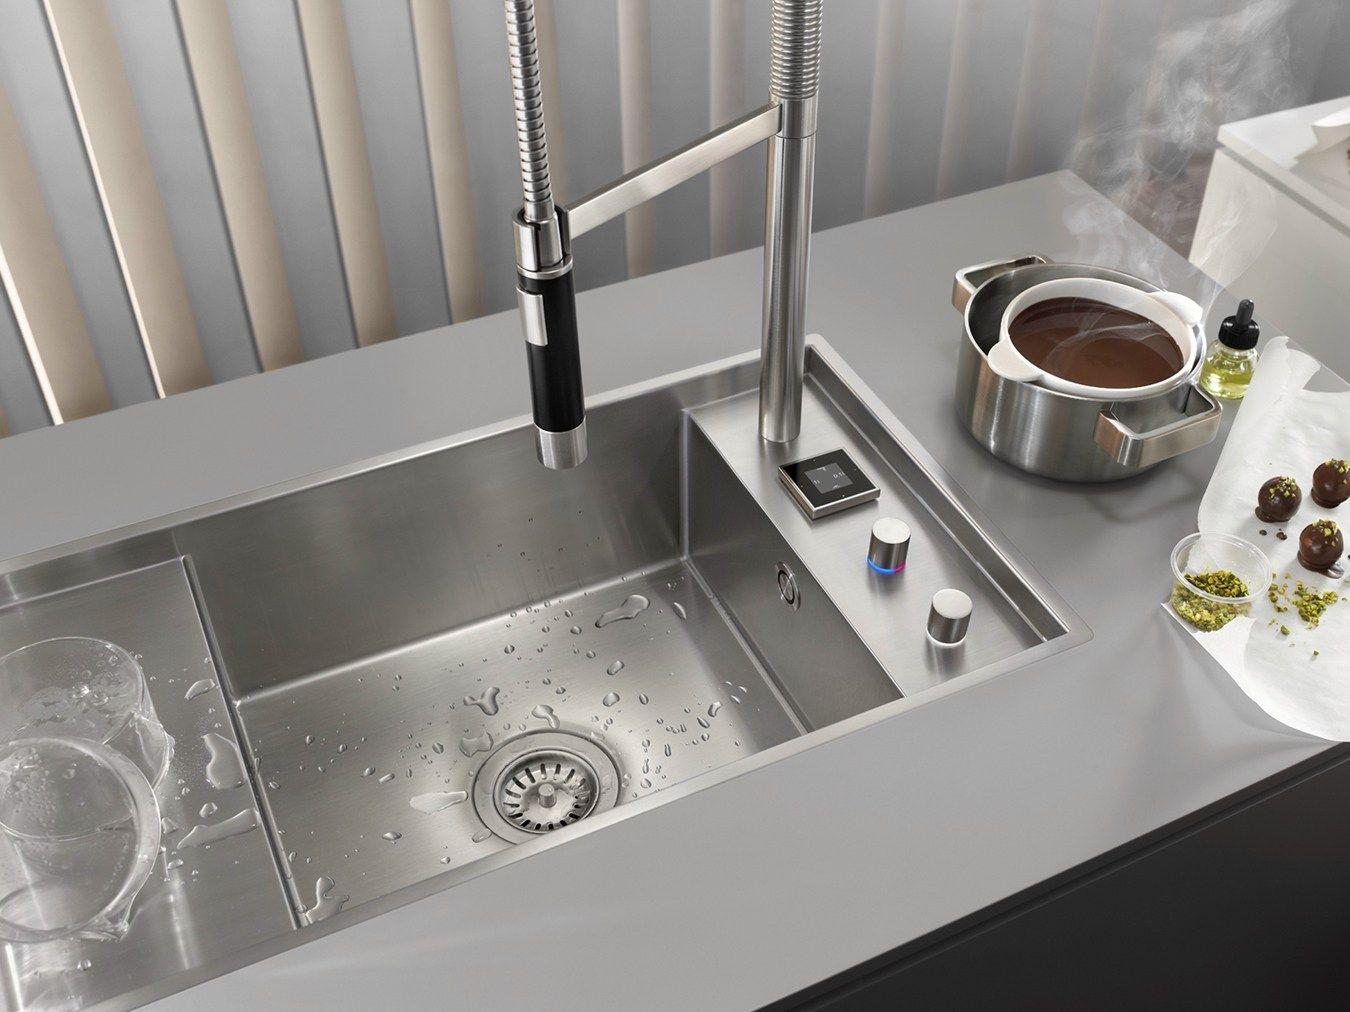 Sistema integrato miscelatore lavello da cucina eunit for Prodotti da cucina